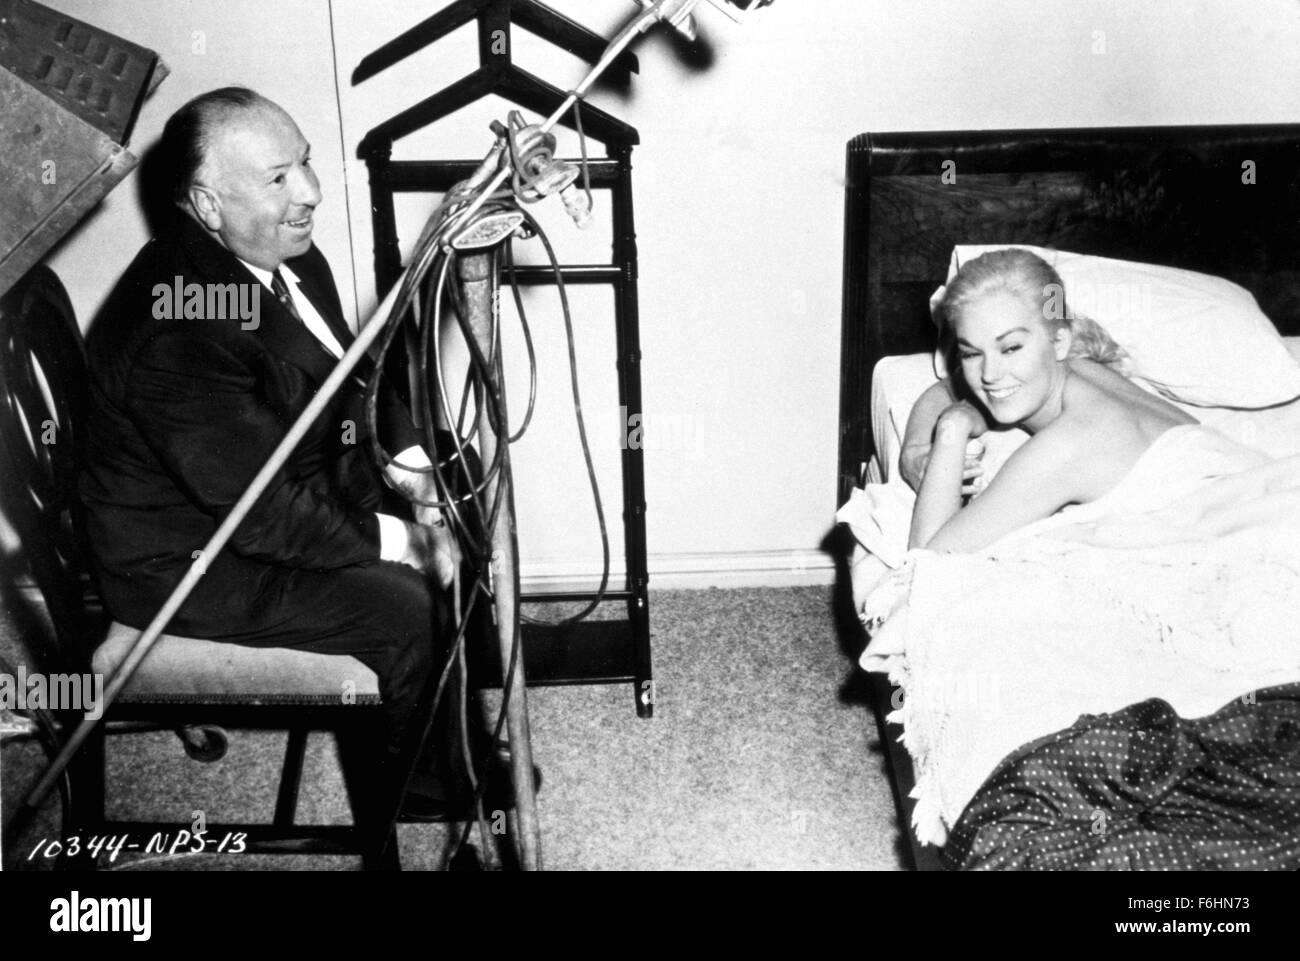 Download Film Vertigo 1958